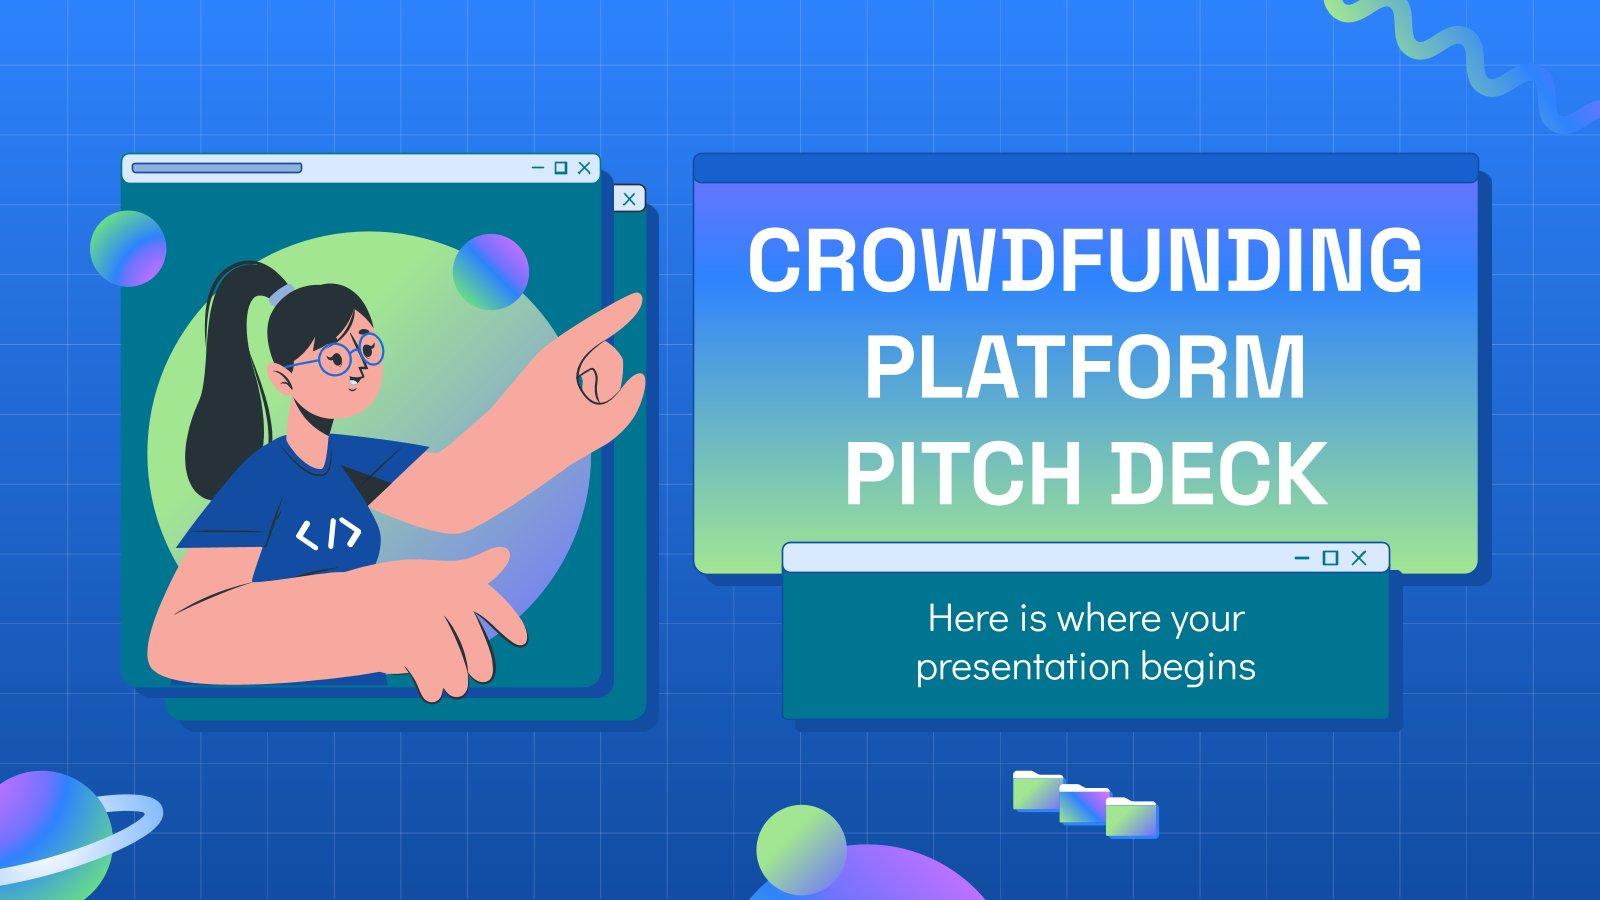 Modelo de apresentação Pitch deck da plataforma de financiamento coletivo